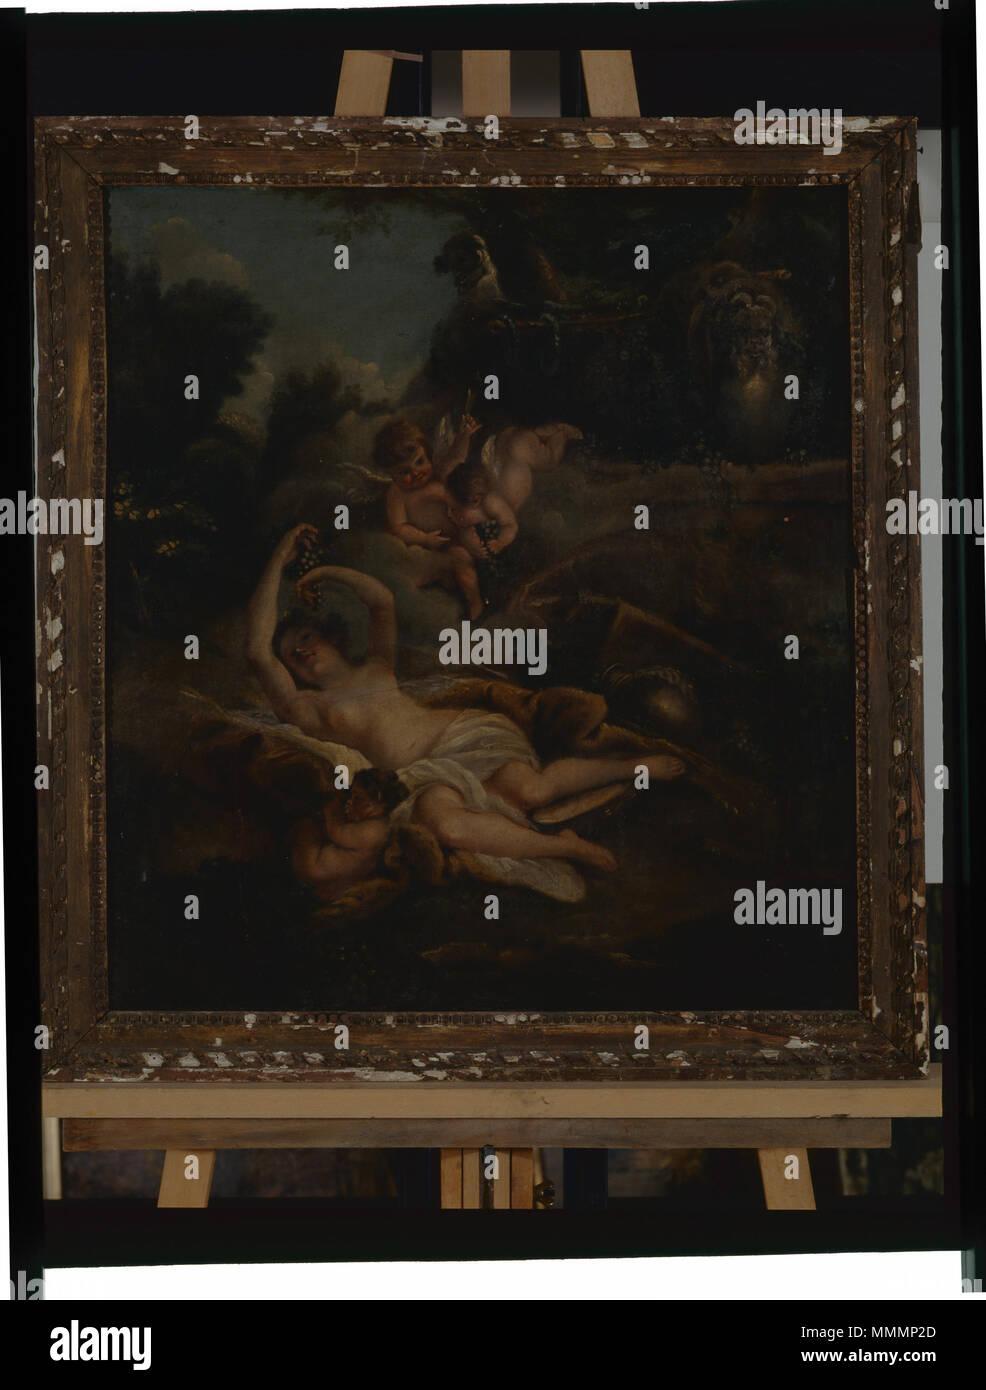 Femme nue couchée - anonyme - musée d'art et d'histoire de Saint-Brieuc, 228 Banque D'Images